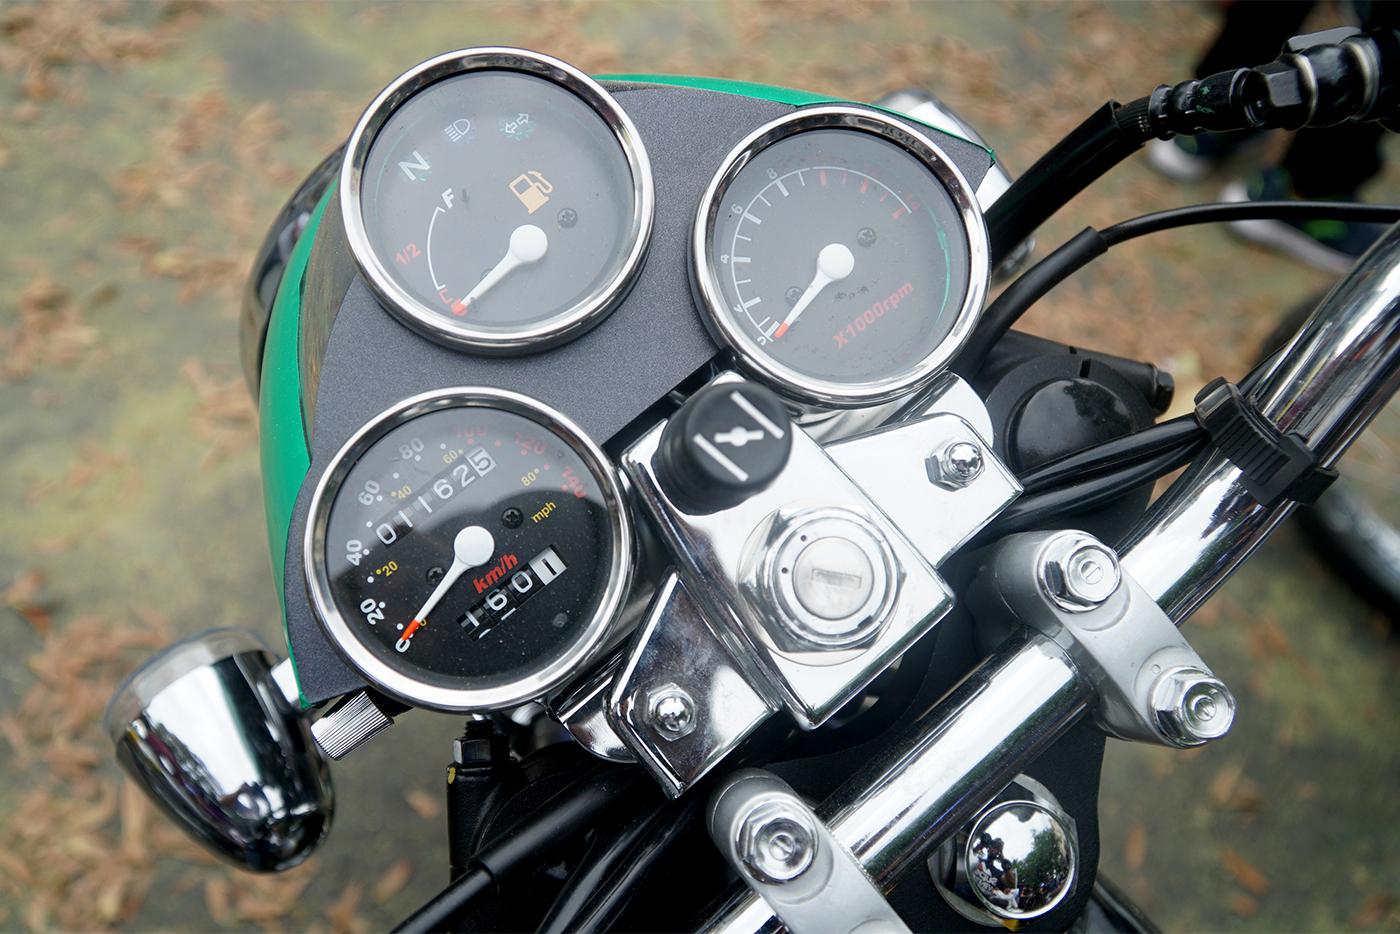 offline-sym-husky-125-classic-11.jpg